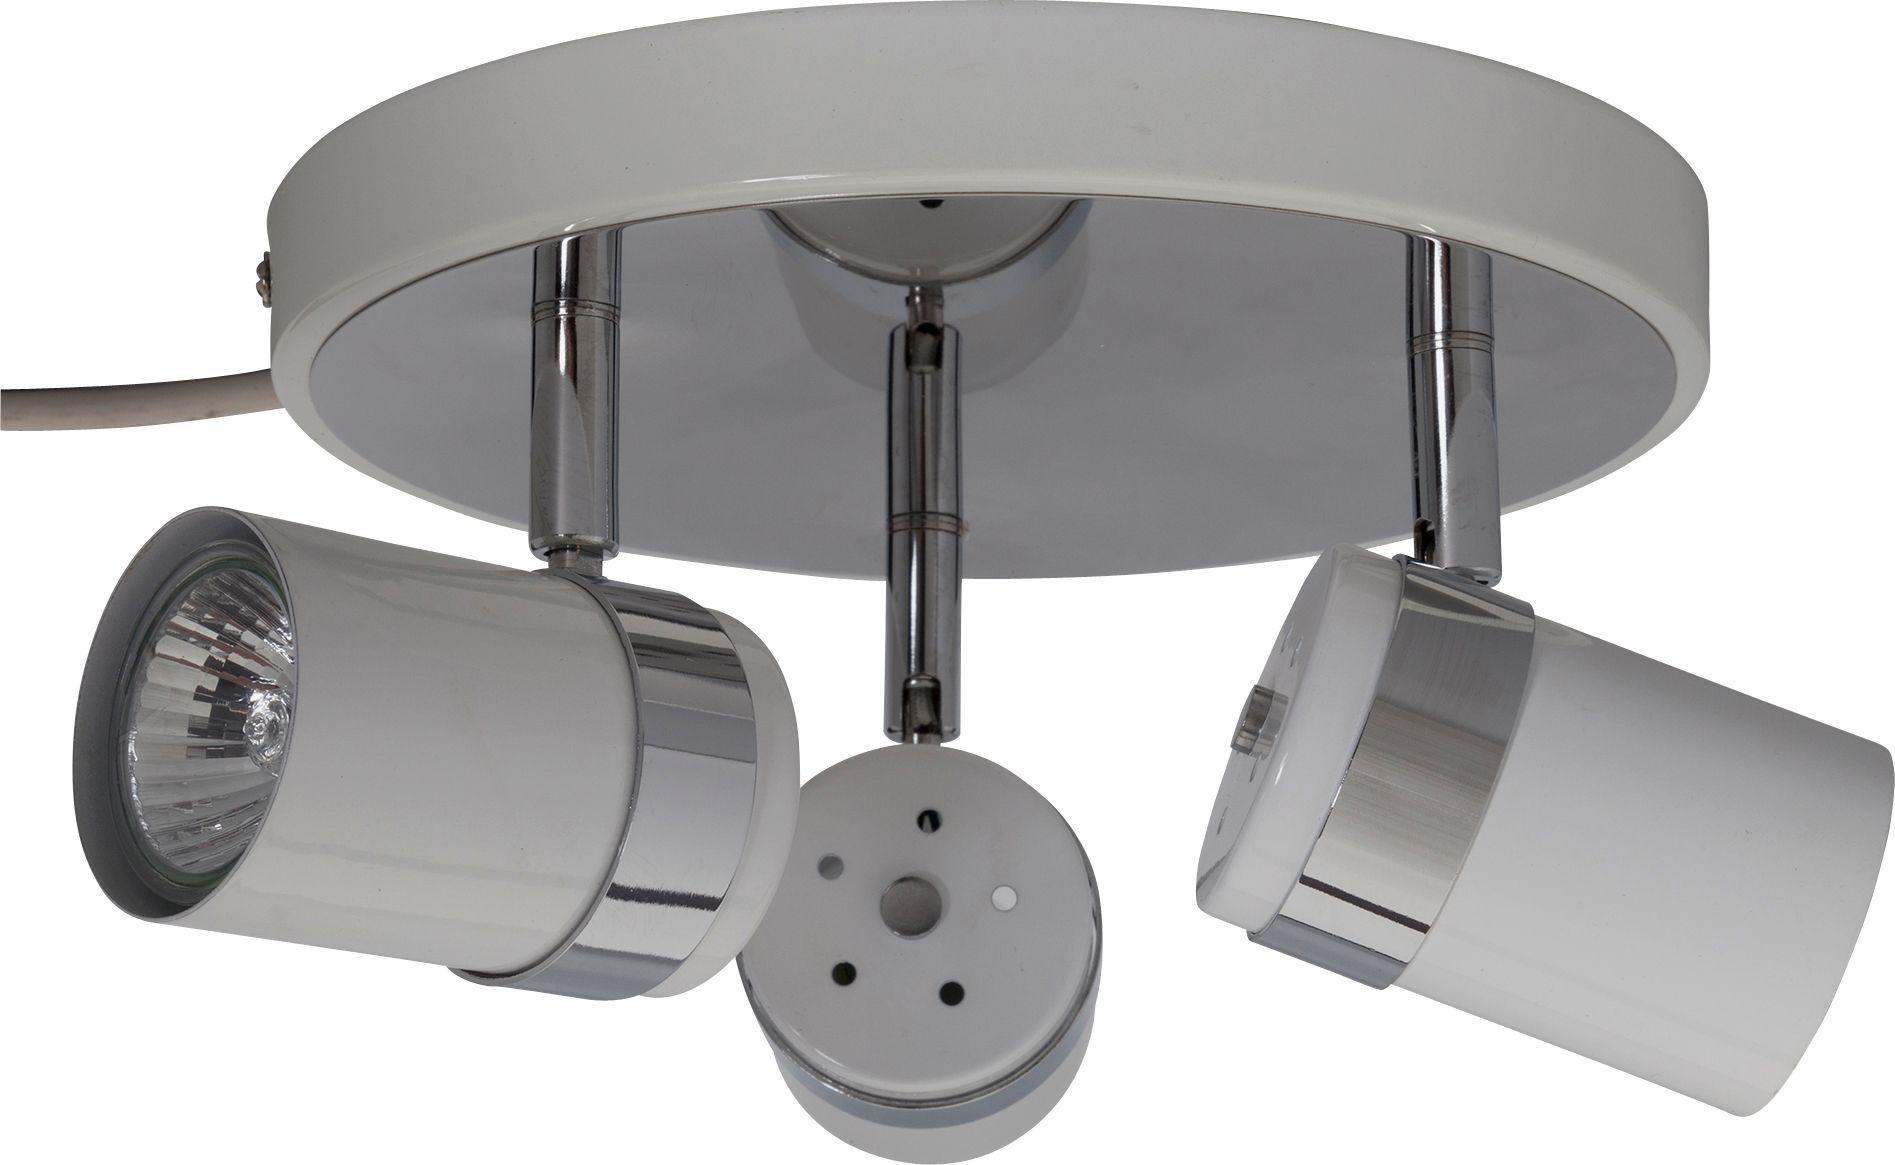 Argos Home - Shiro 3 Spotlight Plate - White and Chrome